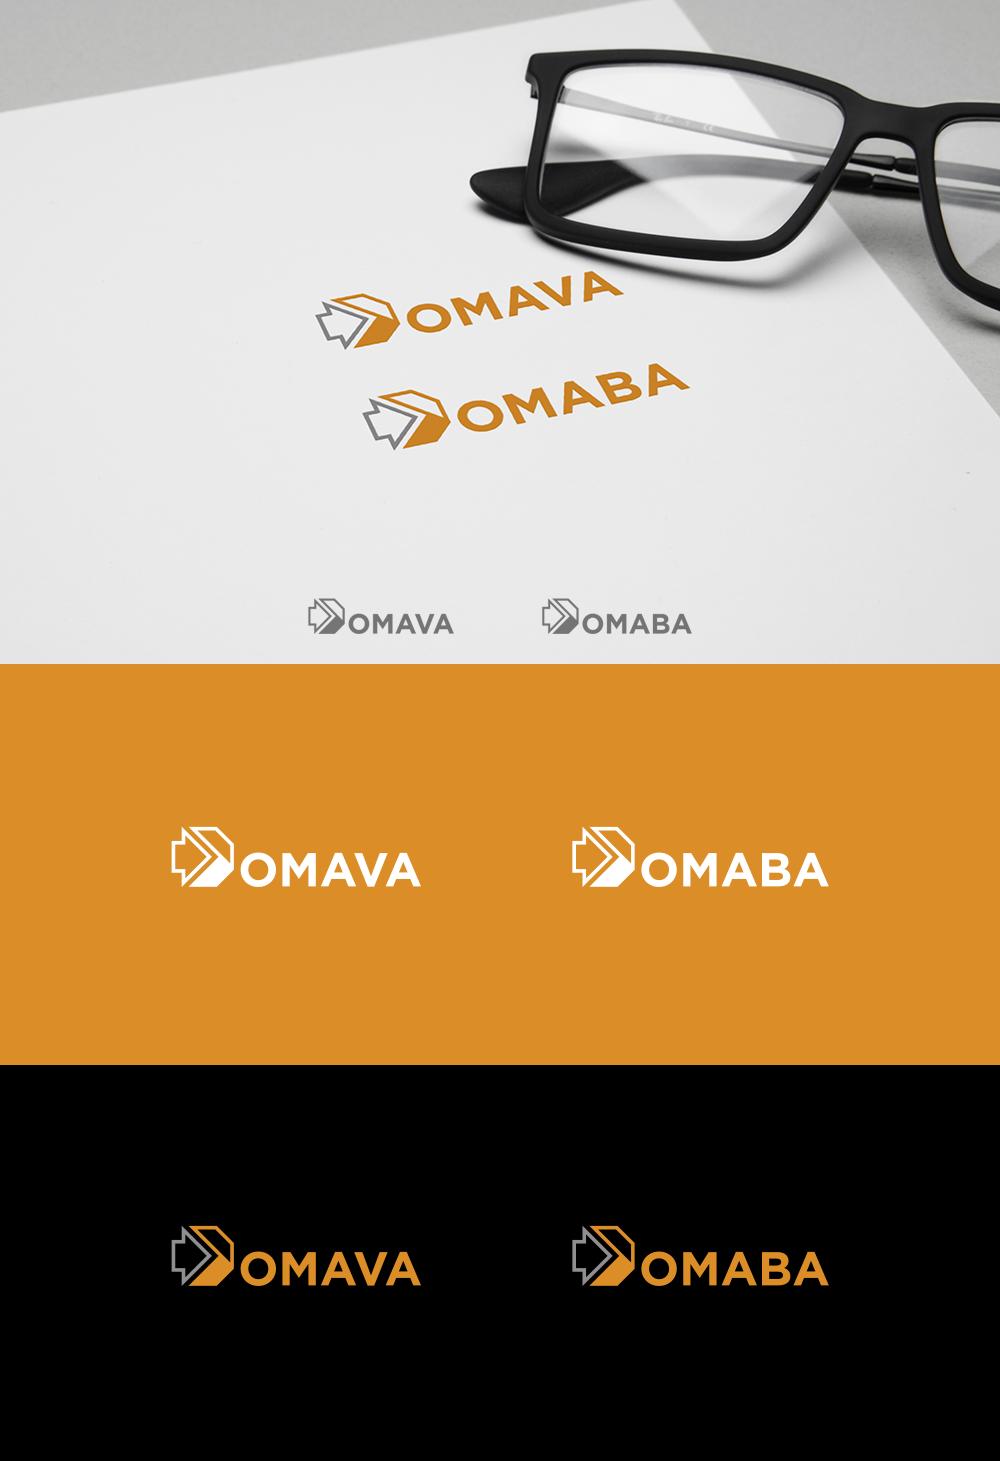 Разработка логотипа с паспортом стандартов фото f_2745ba37b41e1478.png